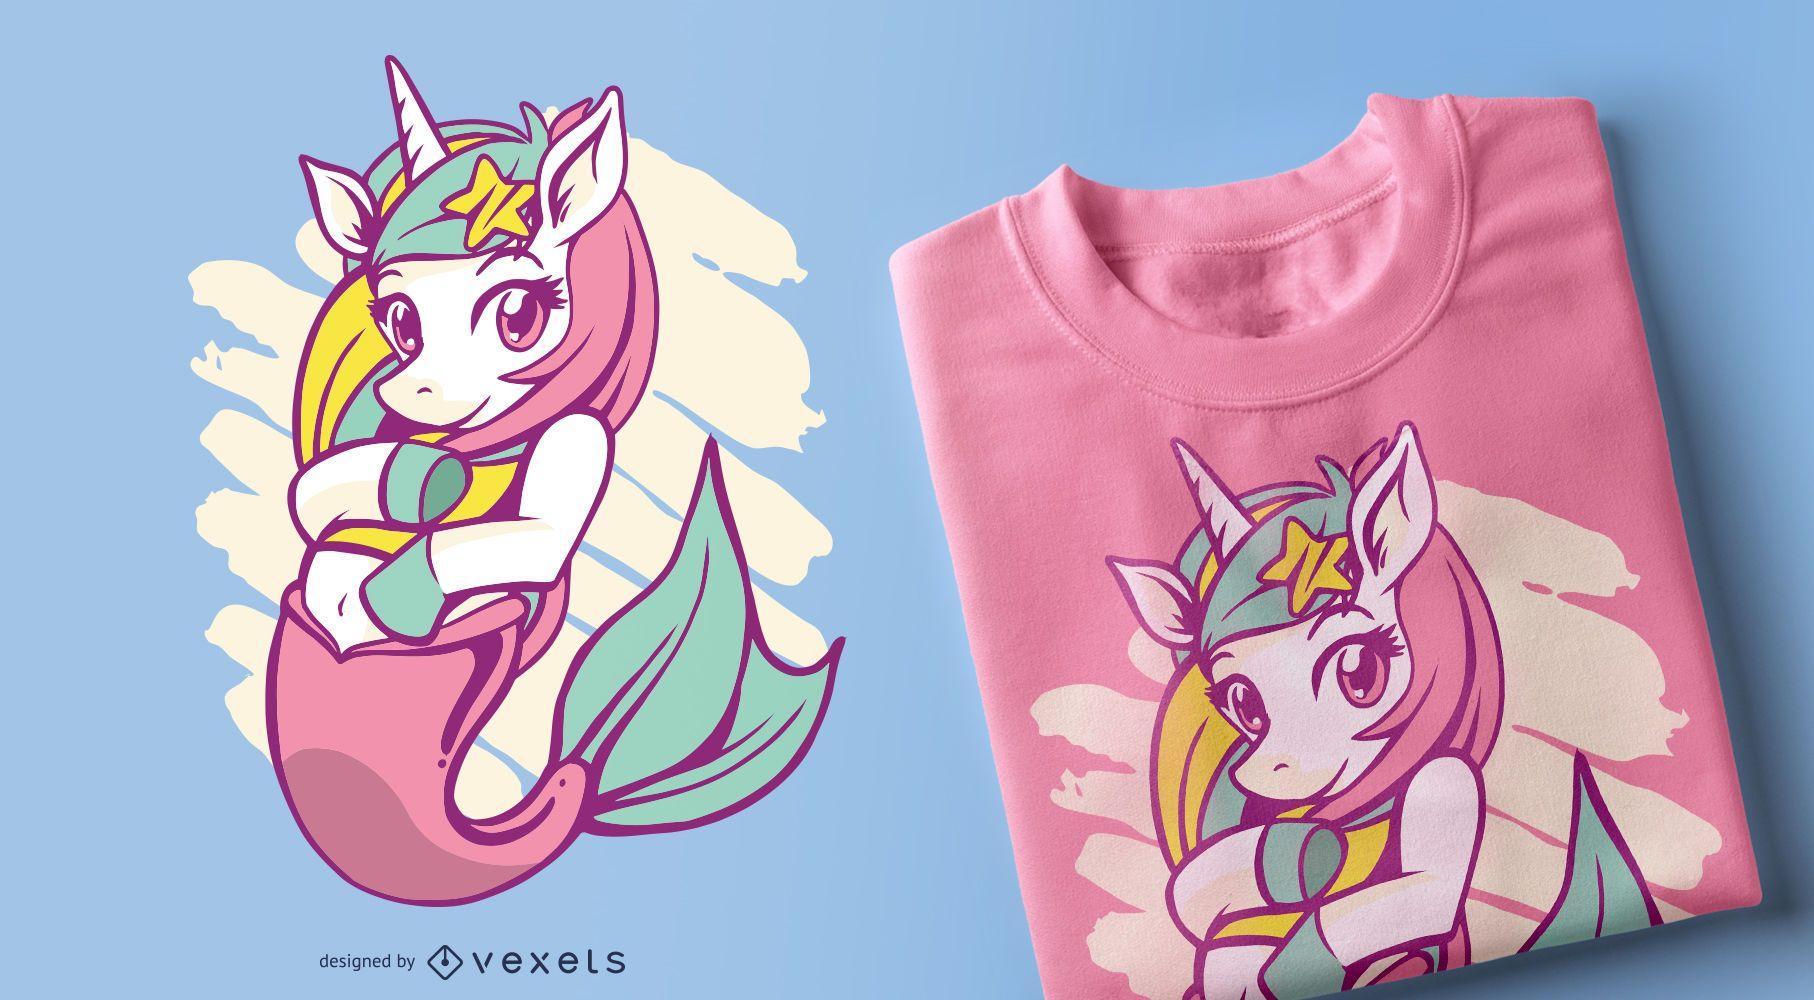 Mermaid unicorn t-shirt design